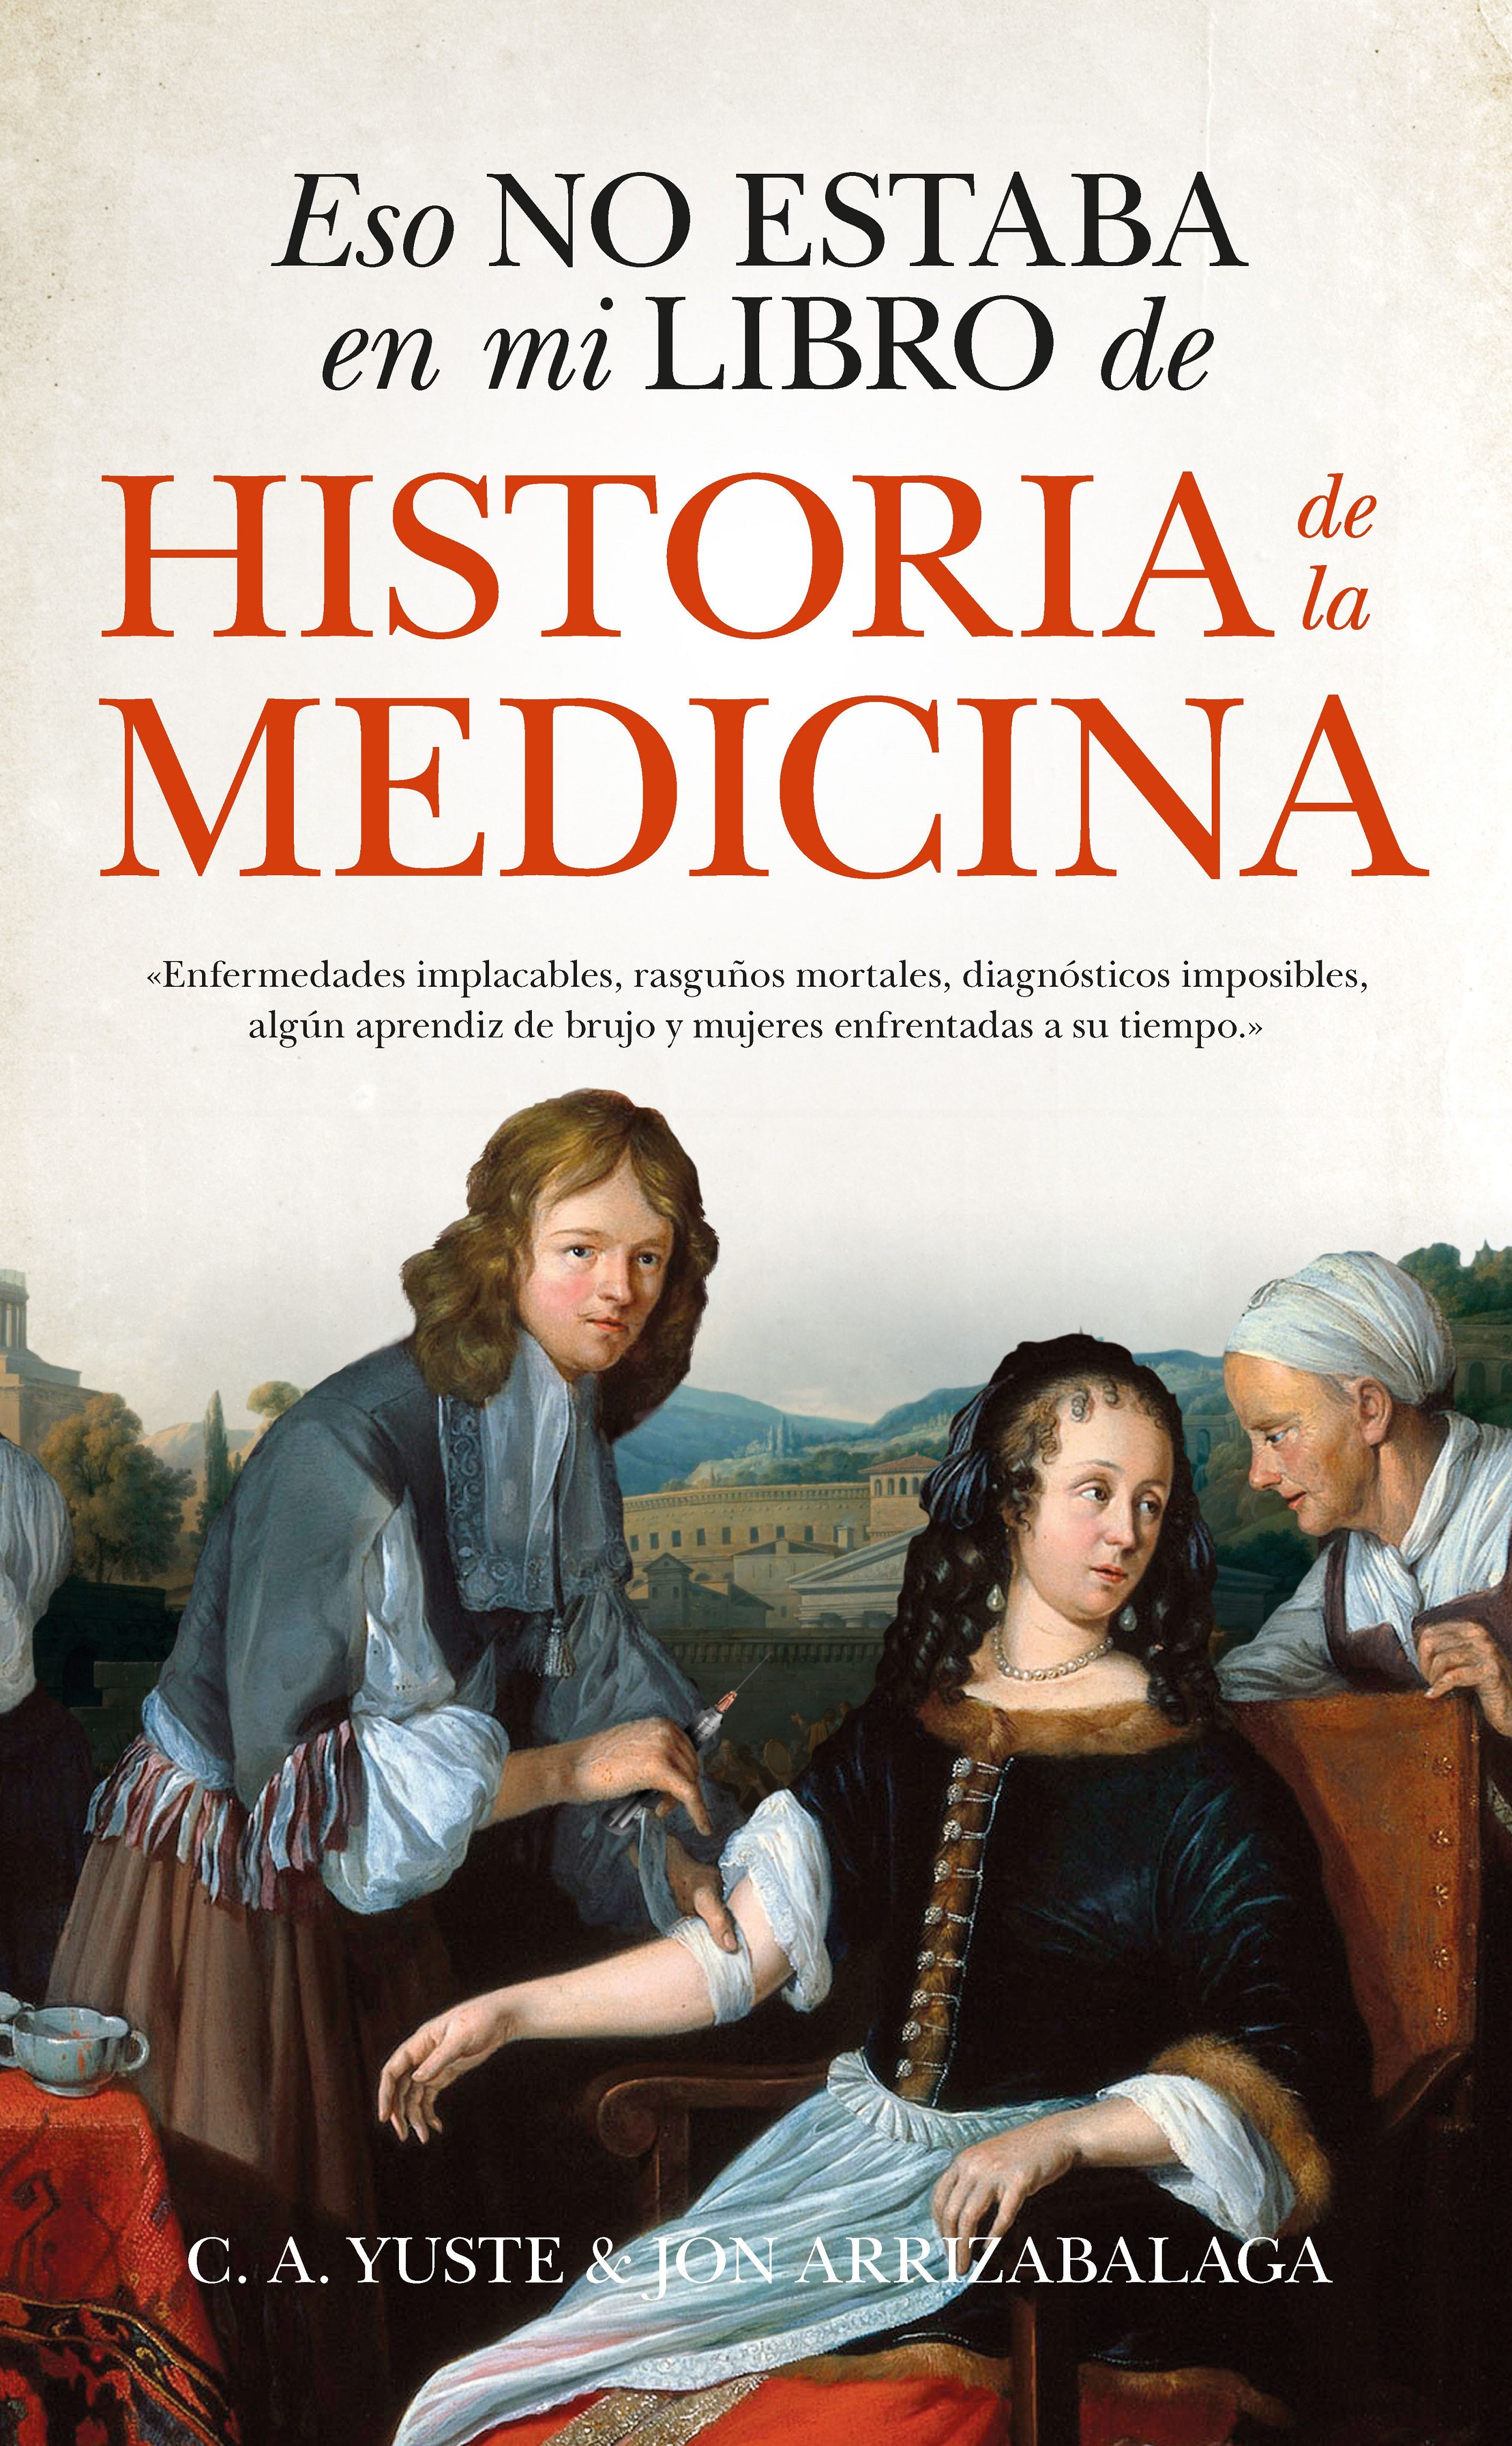 ESO NO ESTABA EN MI LBRO DE HISTORIA DE LA MEDICINA (GUADALMAZÁN) - YUSTE, CARLOS - EDITORIAL ALMUZARA SL.